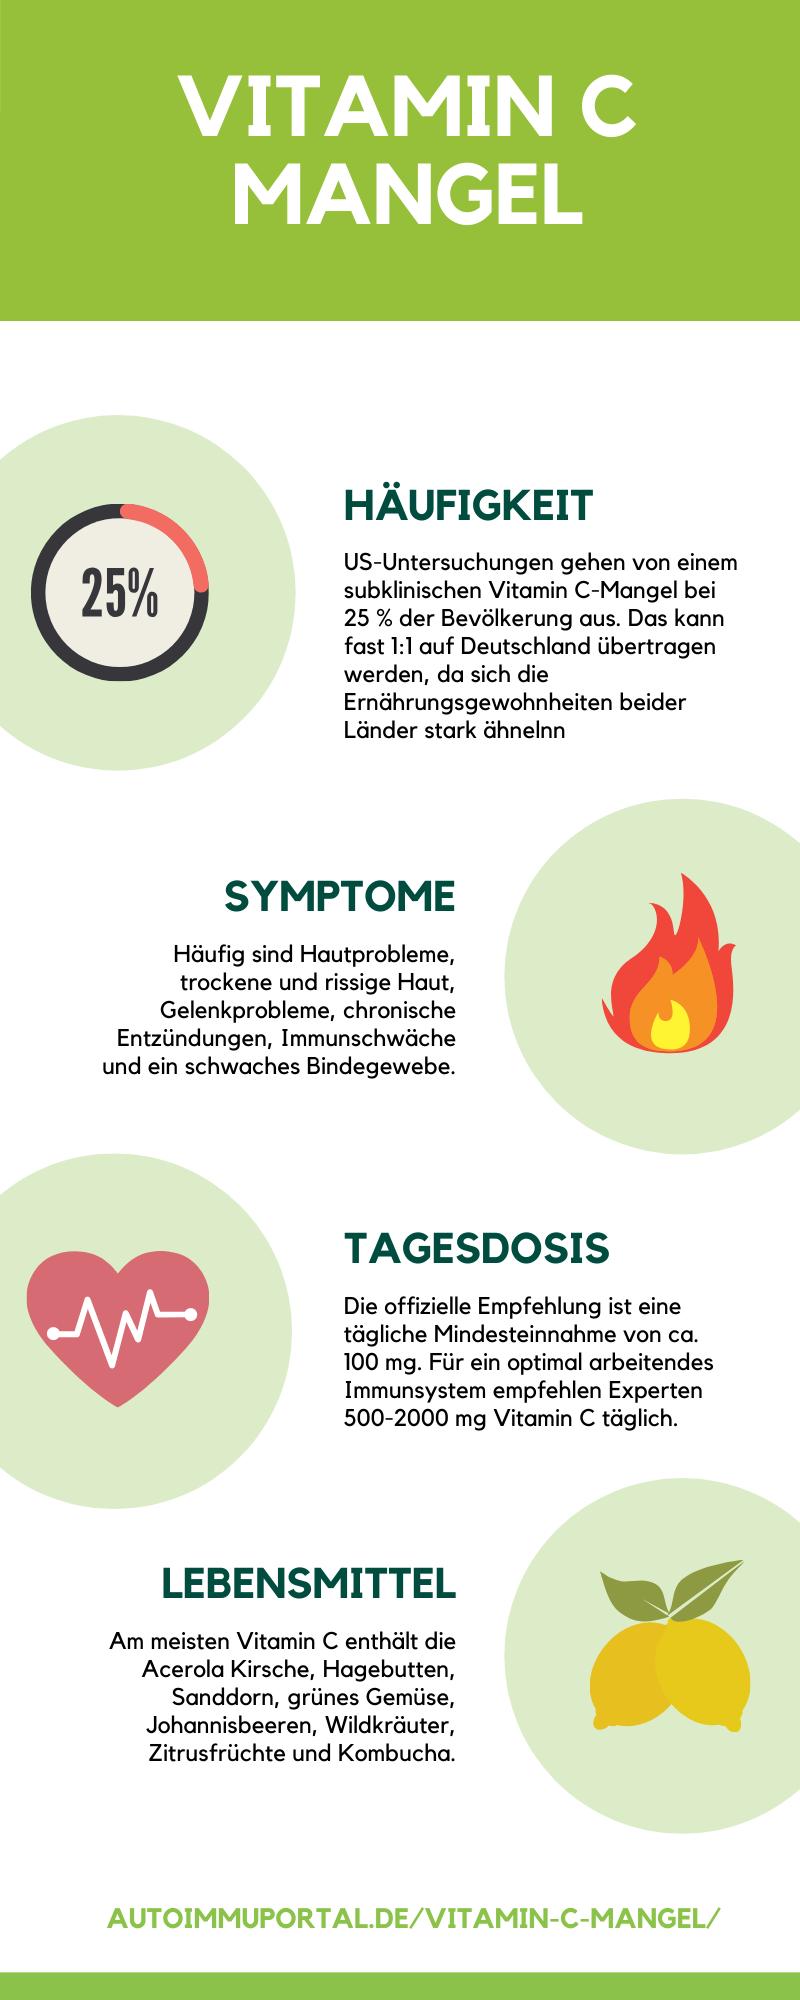 Vitamin C Mangel Infographik Häufigkeit Symptome Tagesdosis